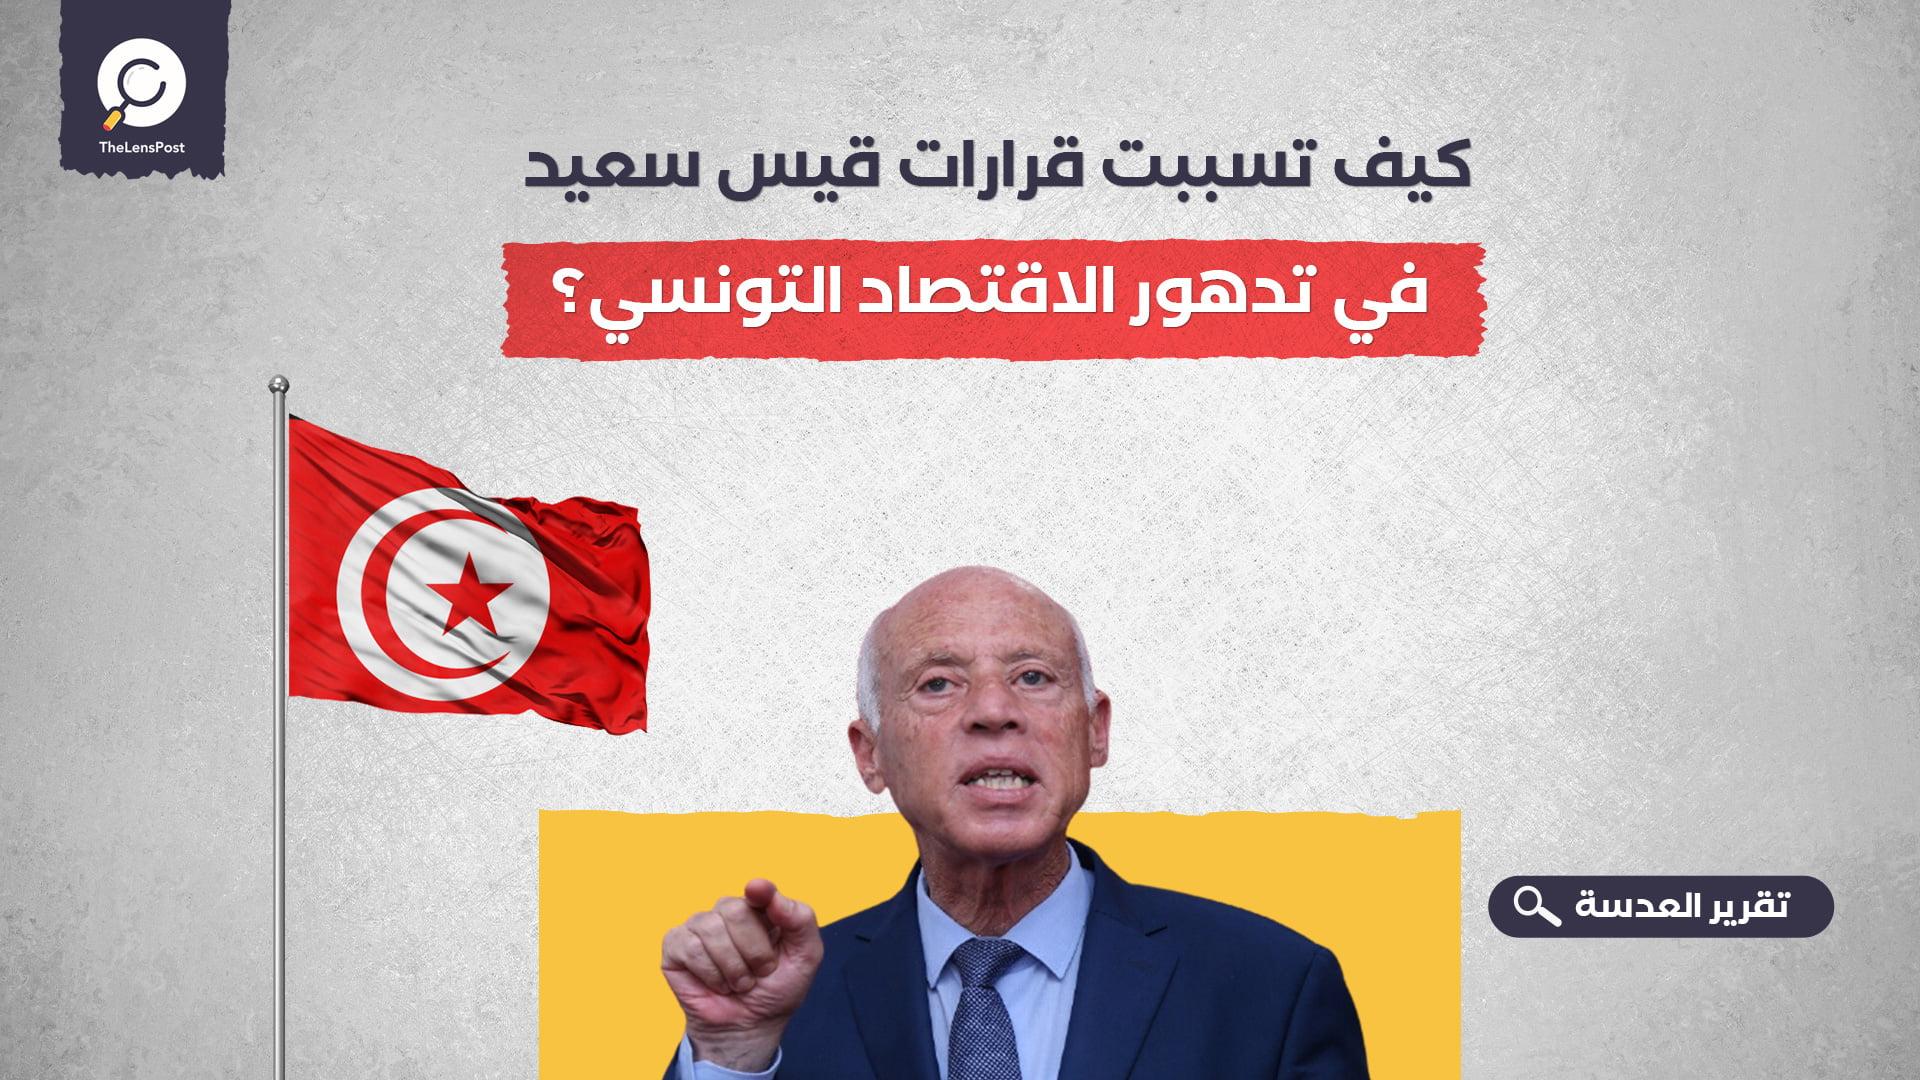 كيف تسببت قرارات قيس سعيد في تدهور الاقتصاد التونسي؟